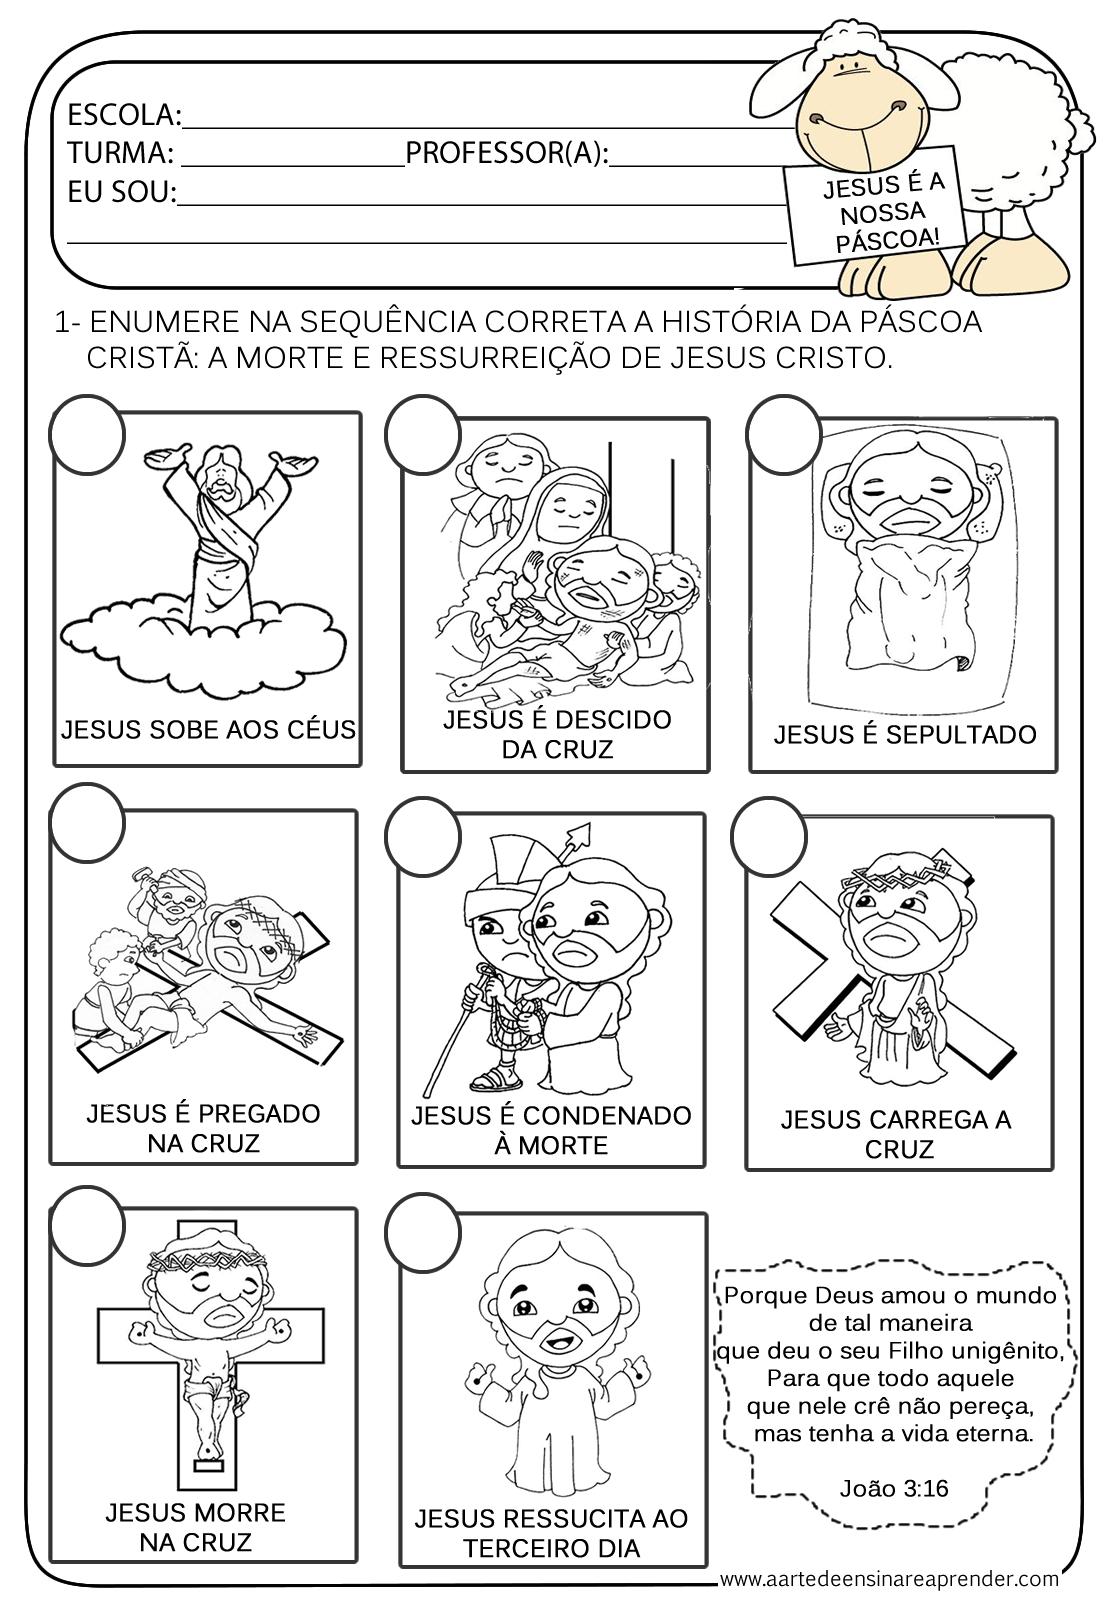 Poemas De Nicomedes Santa Cruz